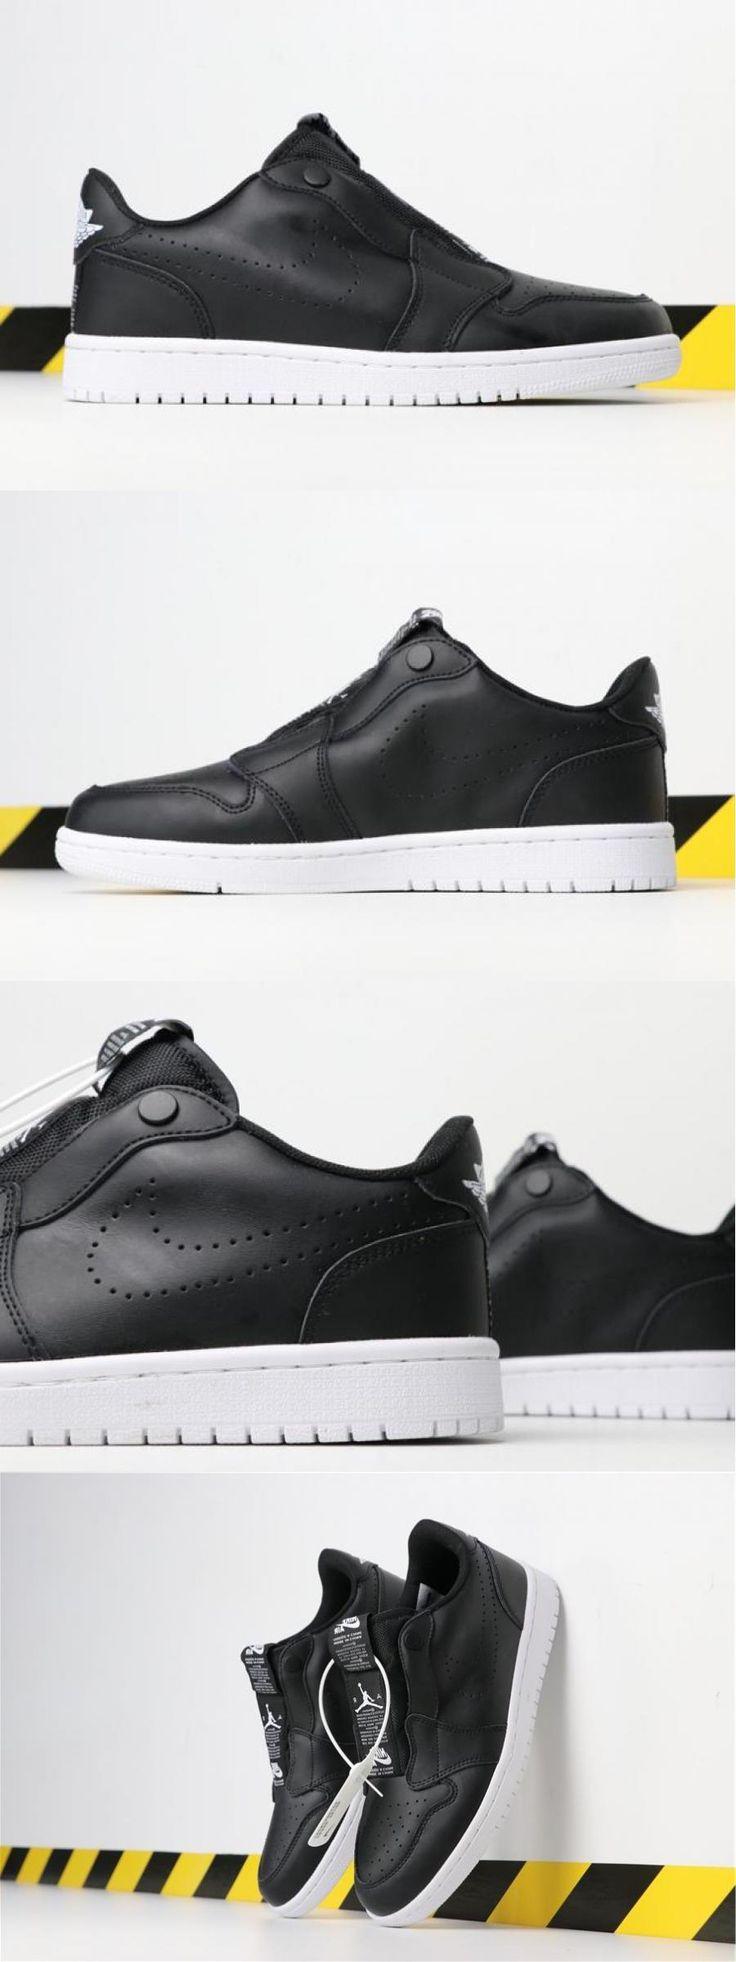 2020 的 Air Jordan 1 Low Slip Black Shoes Av3918001 For 主题